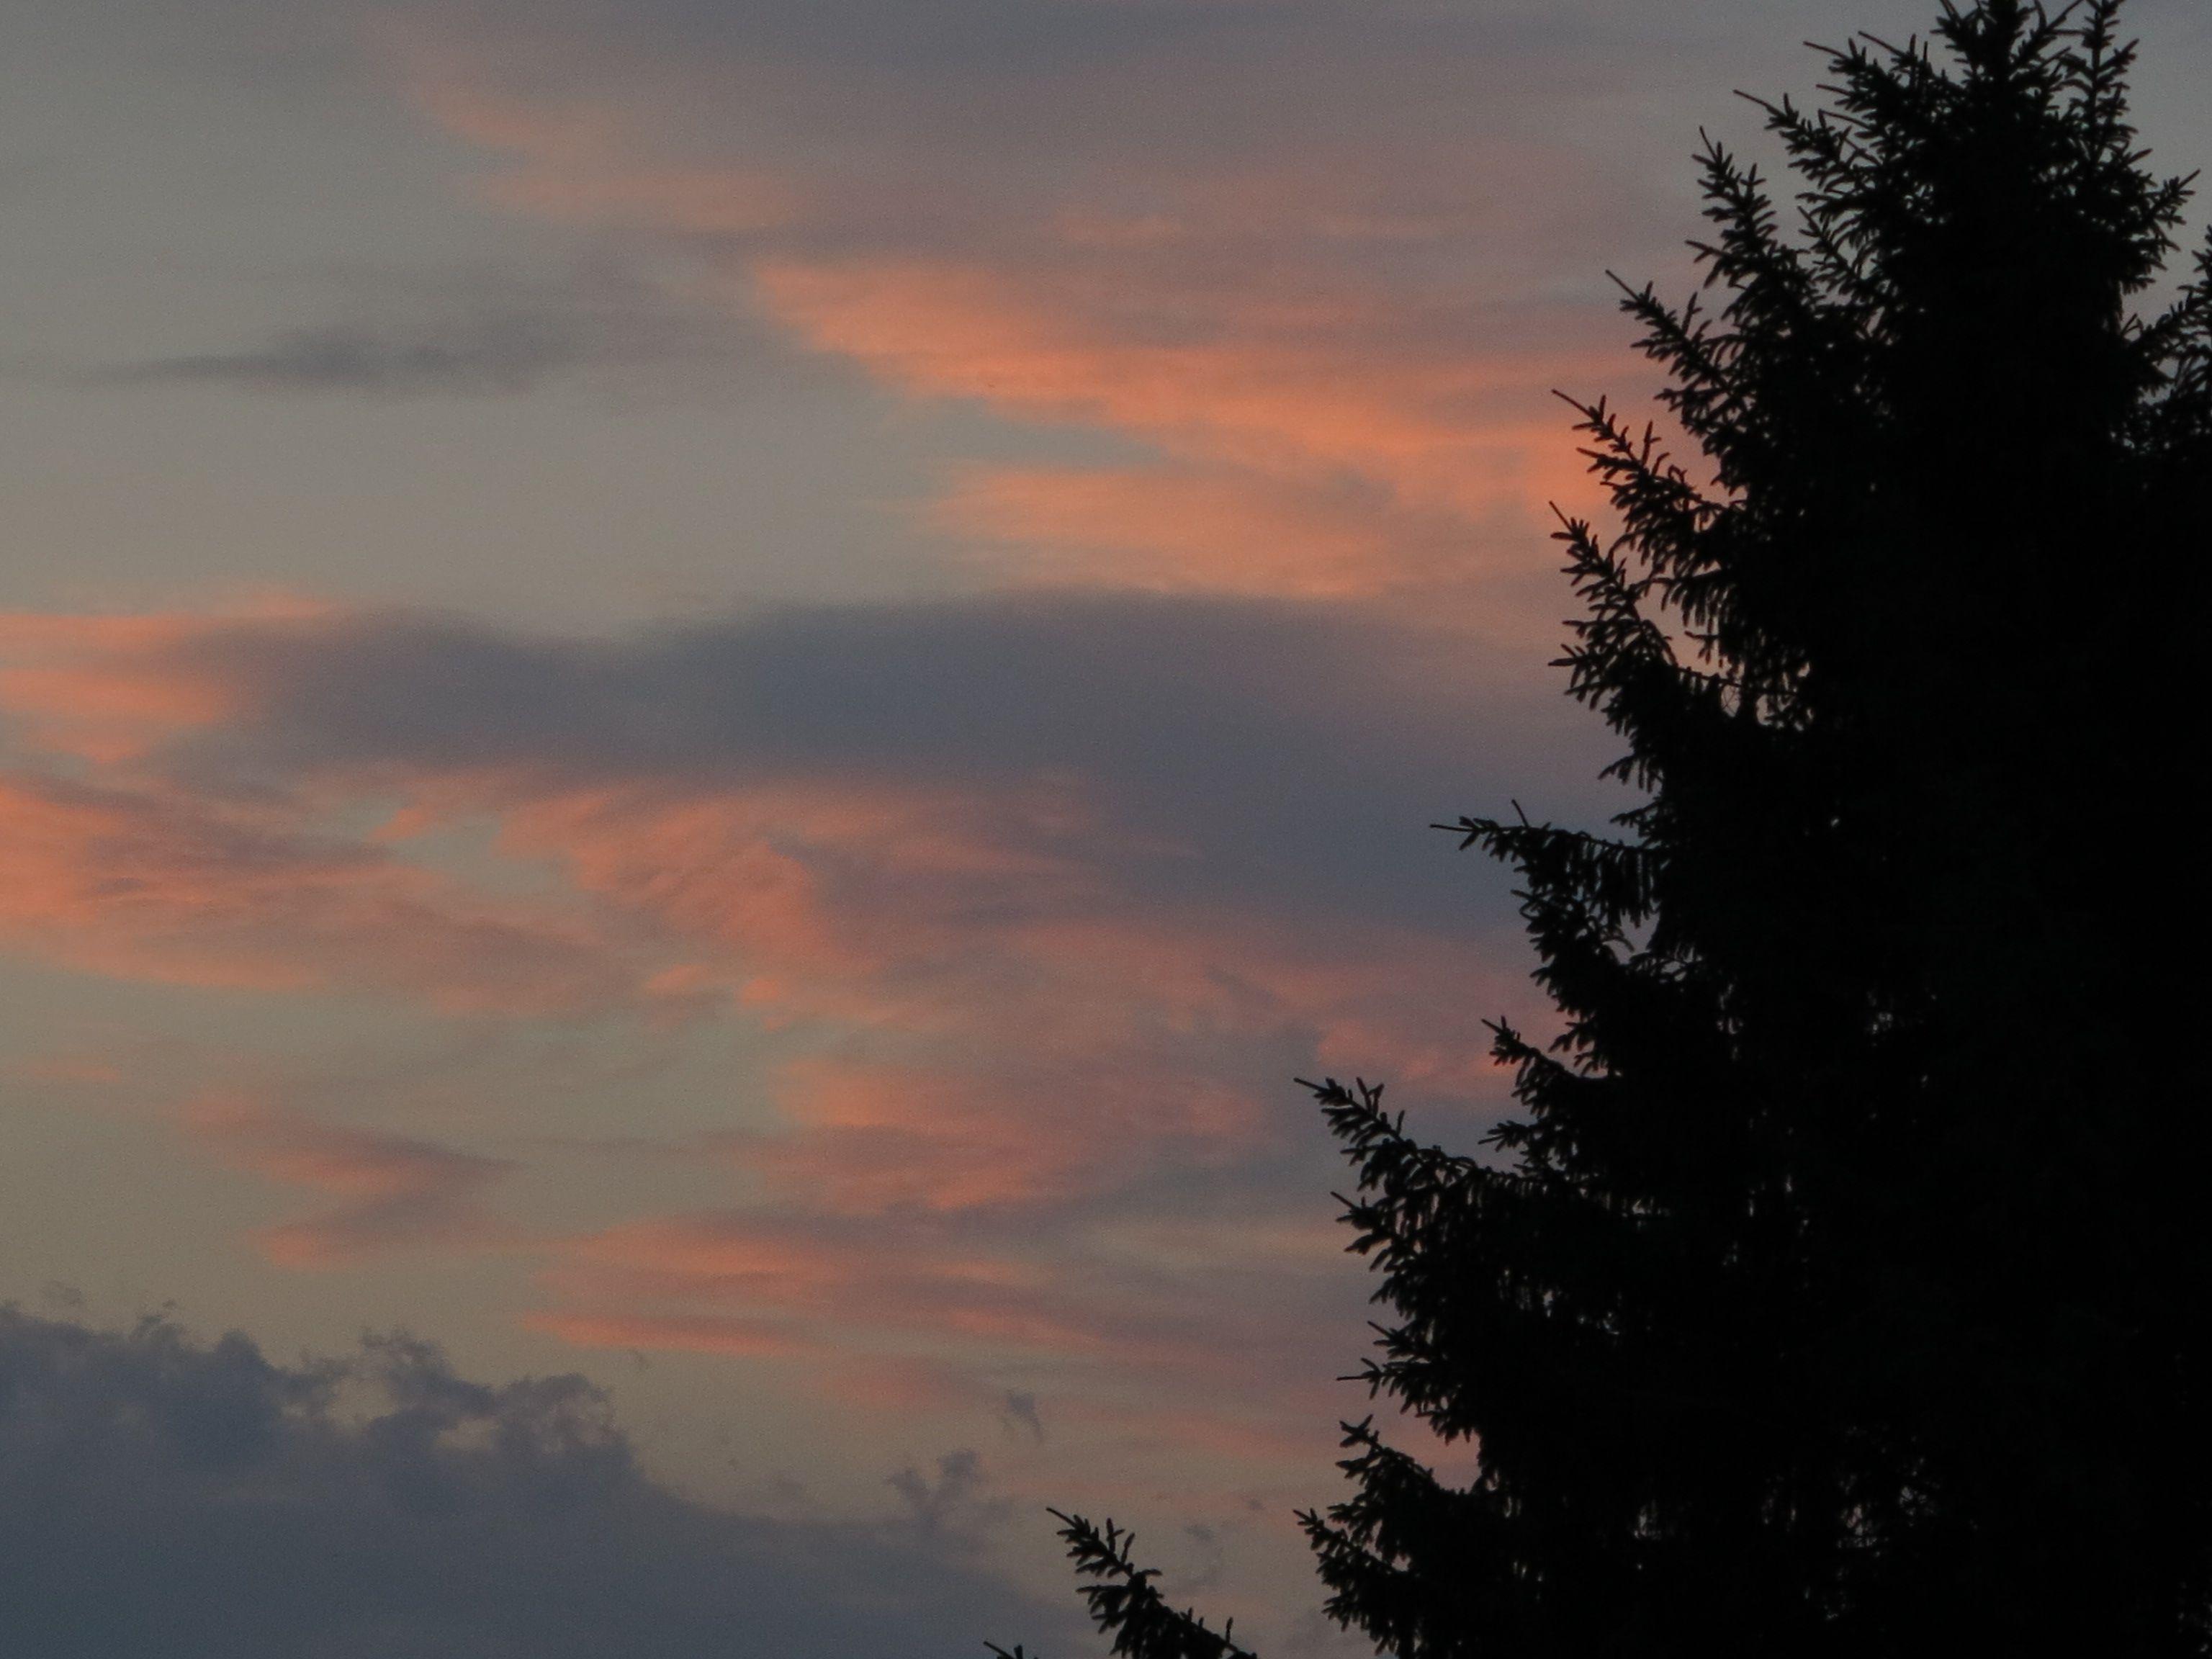 ce39d9a01c2f54 令和元年6月21日 今日と今週末の天気予報と週間天気予報 さっぽろ歳時日記 【人間もクマさん達も活動しやすい、過ごしやすい気温の日が続く札幌と札幌近郊】